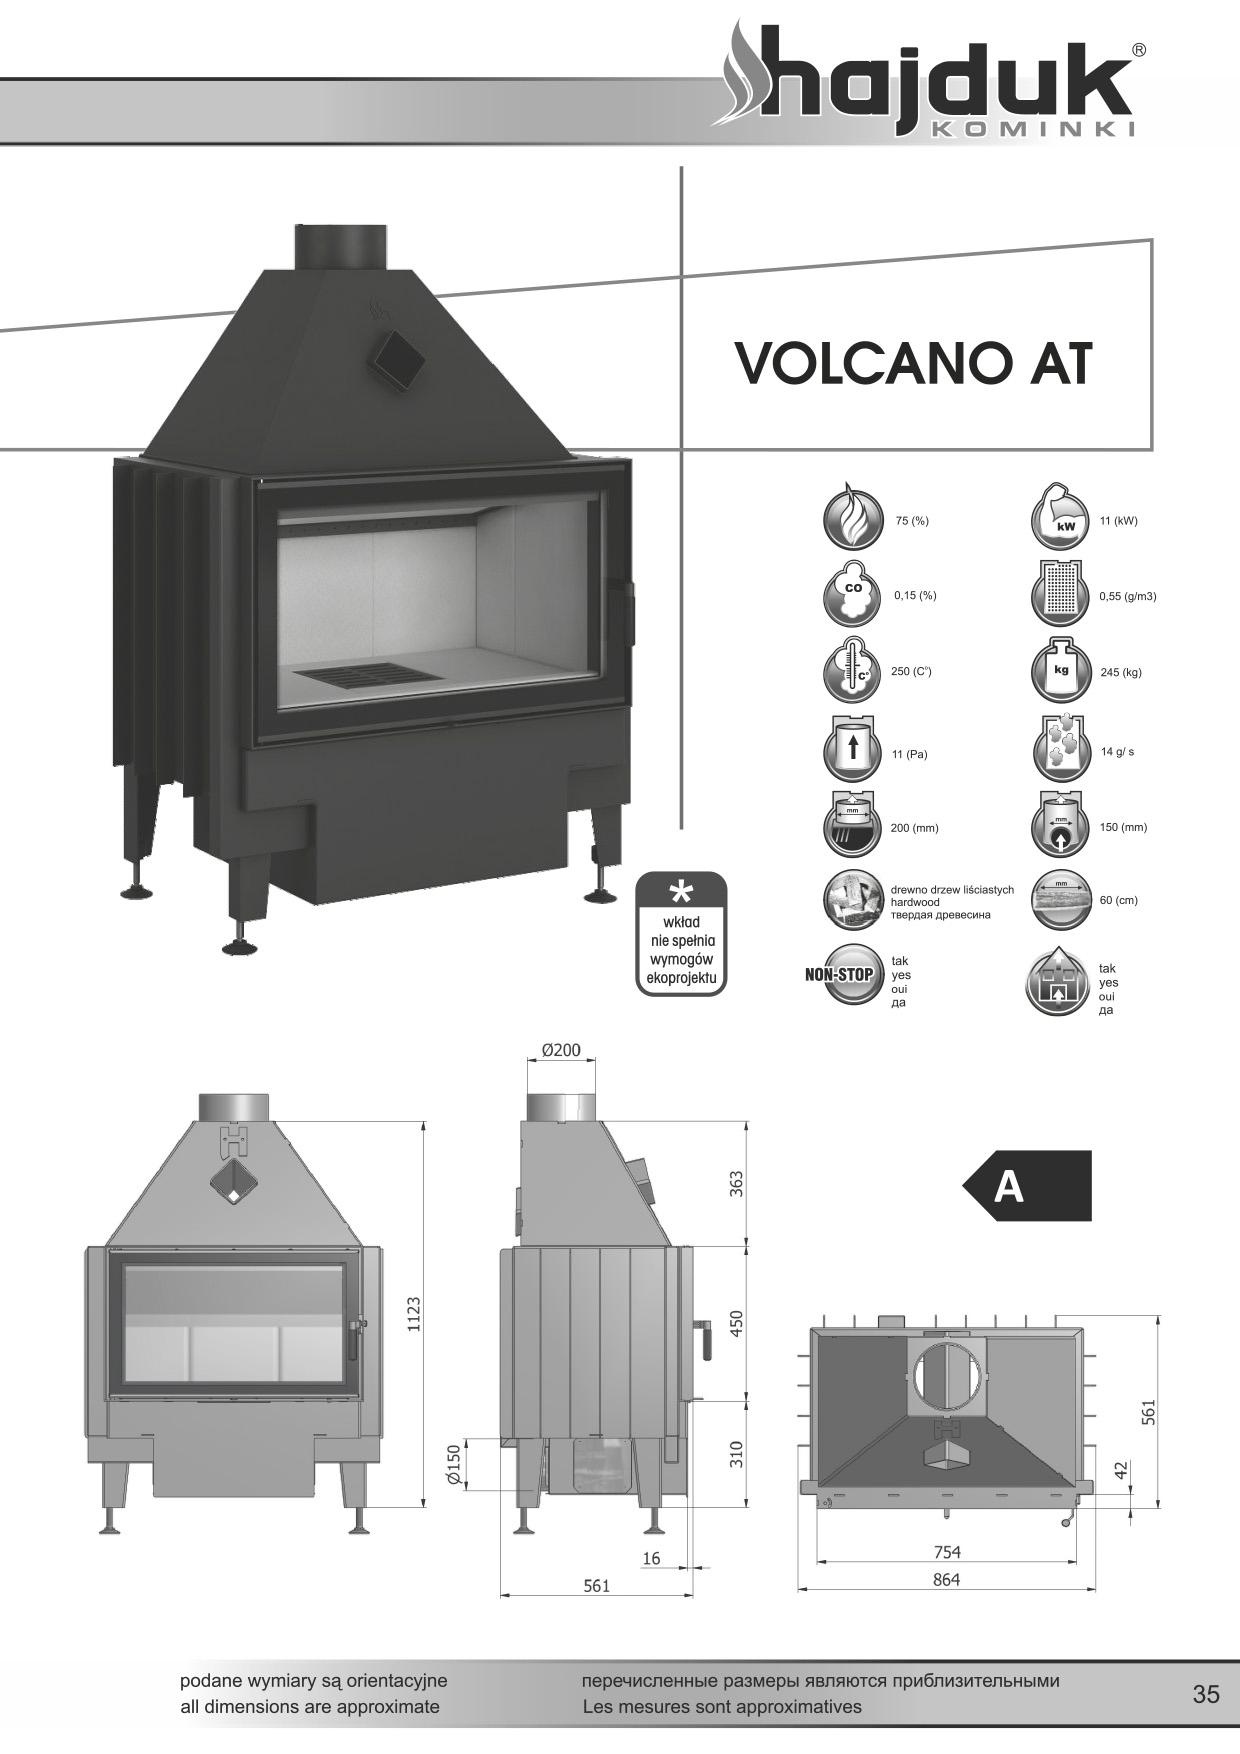 Wkład kominkowy Hajduk VOLCANO AT 11 kW